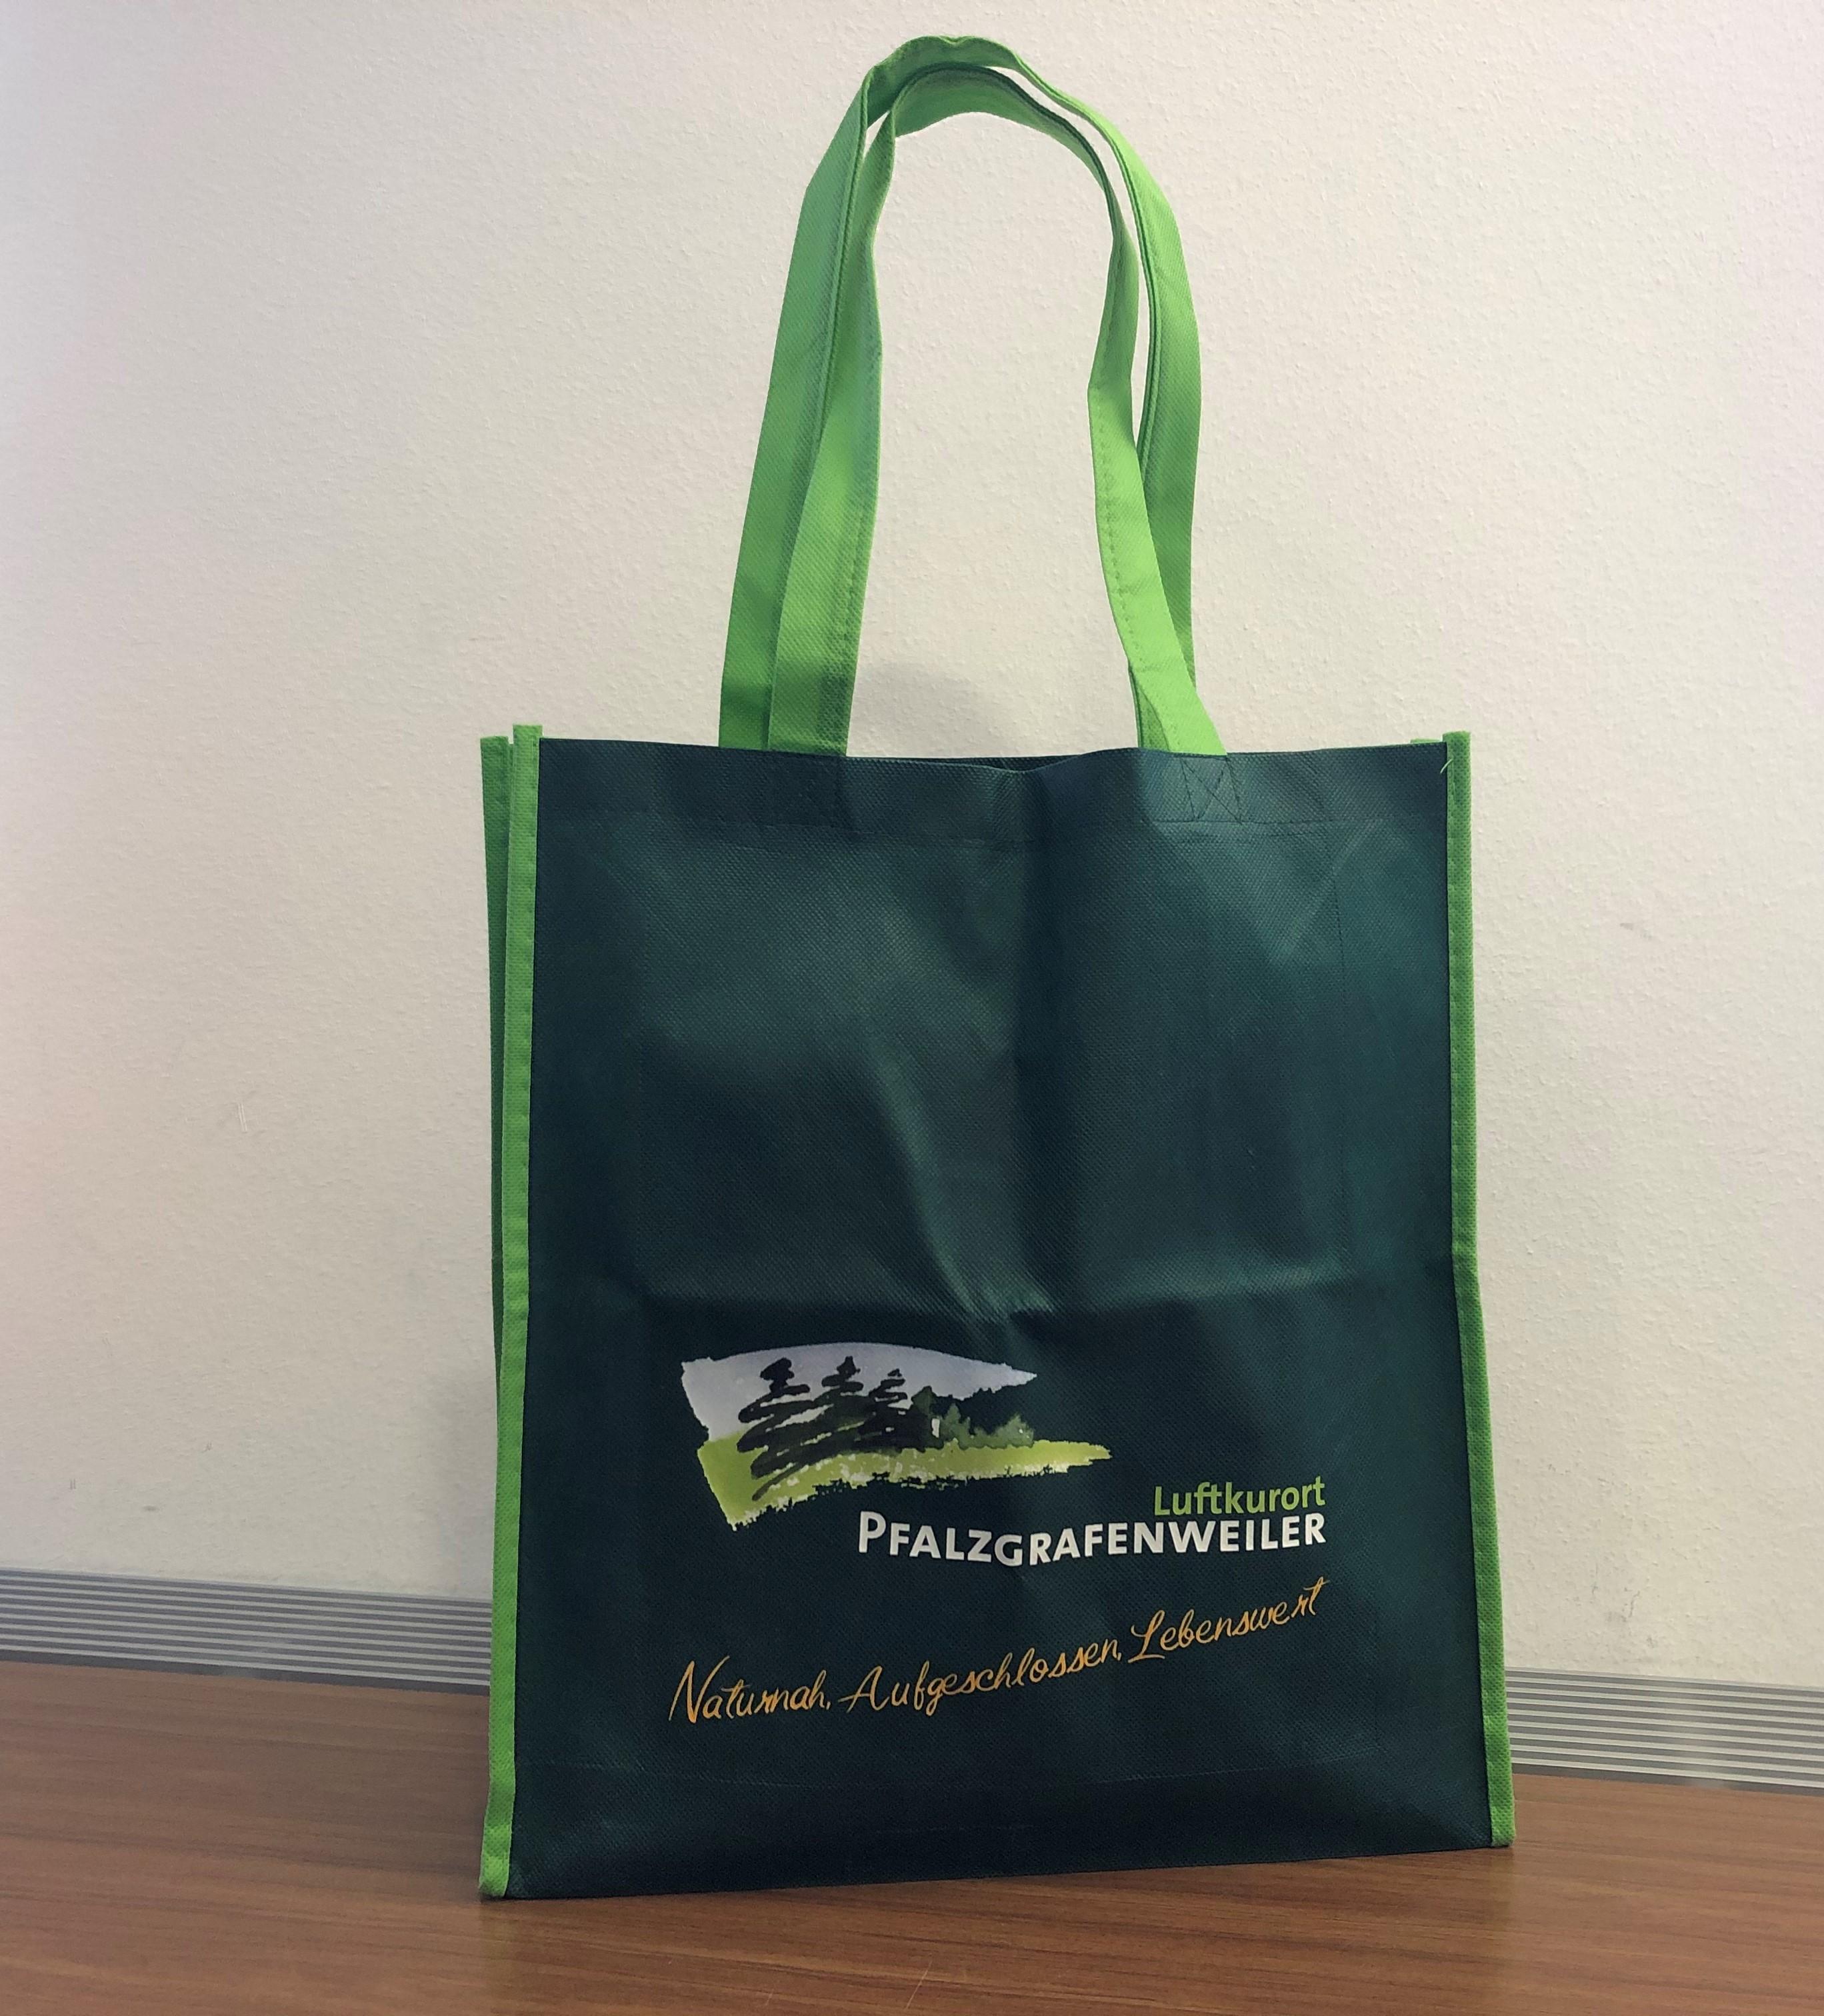 Pfalzgrafenweiler Tasche